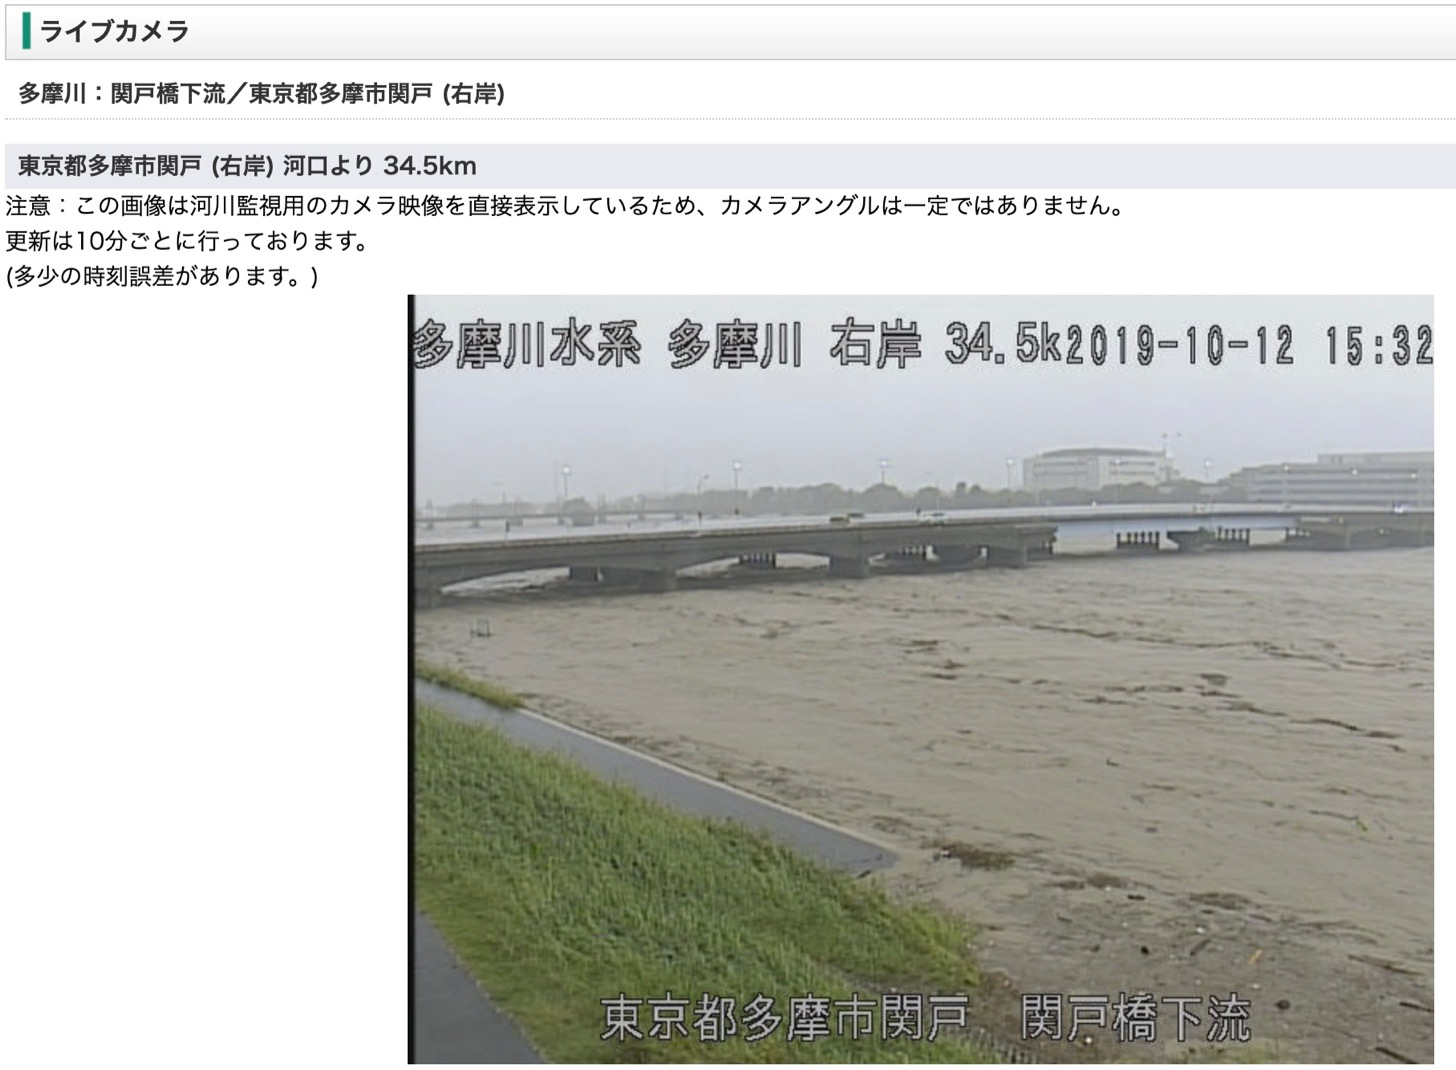 ライブカメラの映像(多摩川・関戸橋下流)